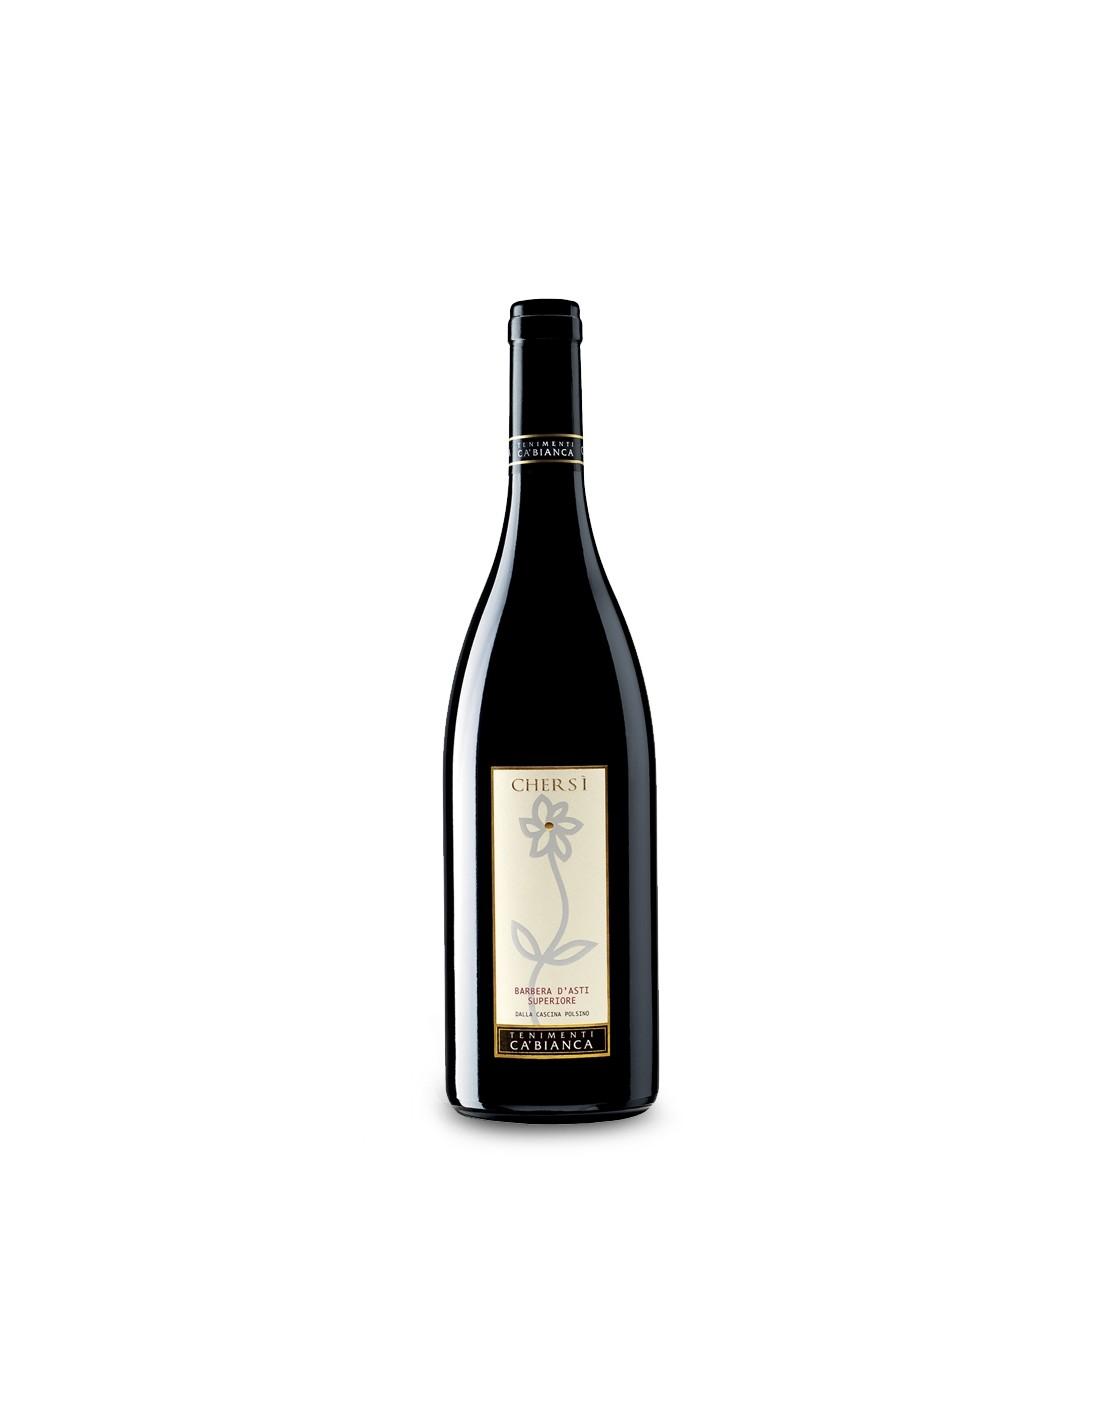 Vin rosu Tenimenti Ca' Bianca Chersi, Barbera D'asti 0.75L, 14% alc., Italia